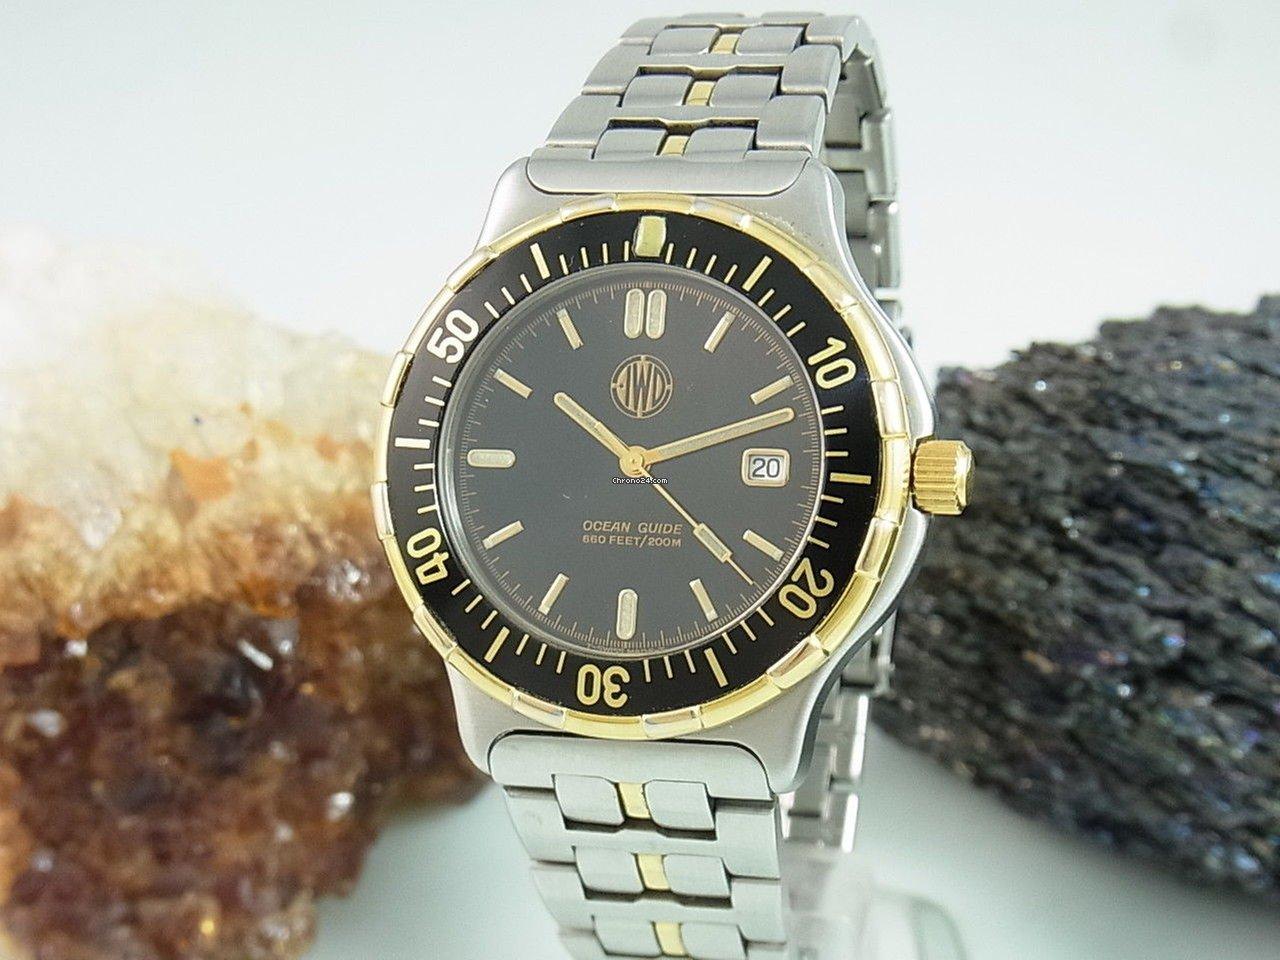 Sinan Aydin – Τρέχοντα ρολόγια στην Chrono24 ab2ea76a8c5